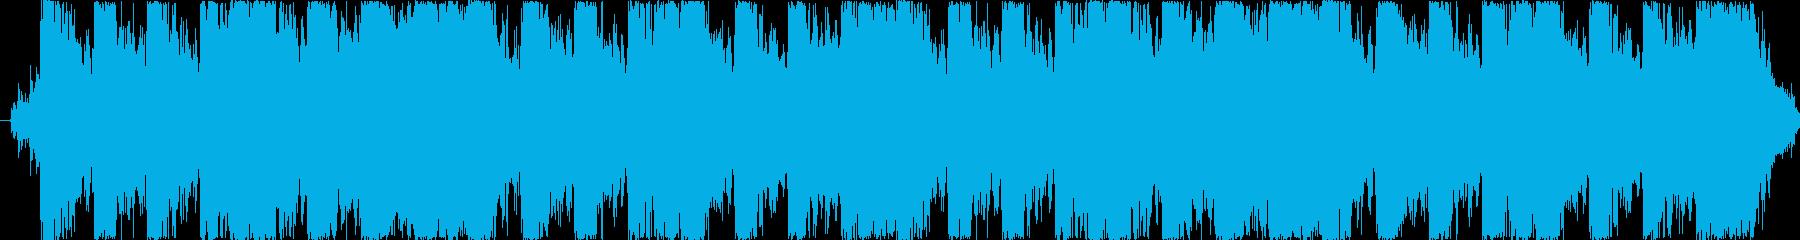 緊迫感満載のオーケストレーションの再生済みの波形